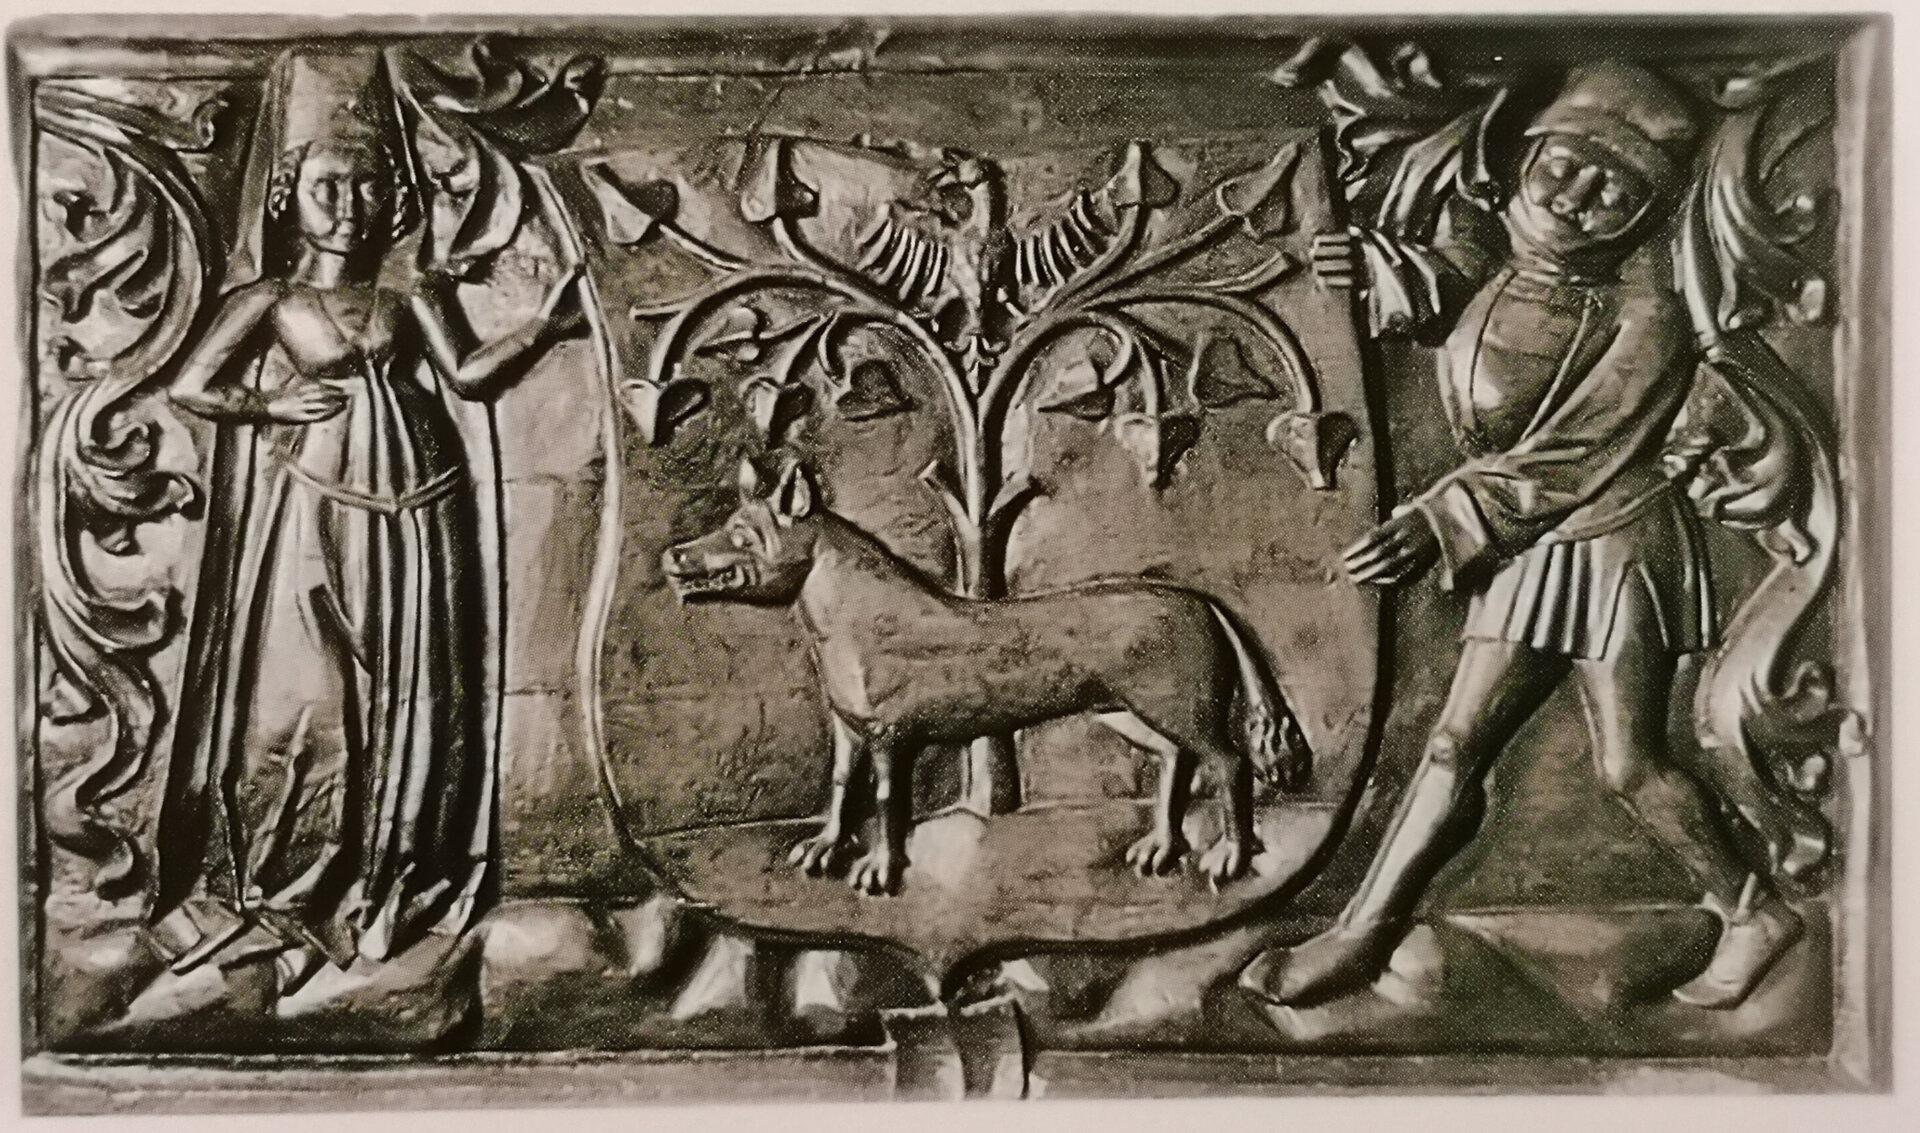 Wappentafel mit Wappenträgerfiguren in bürgerlicher Kleidung aus dem 15. Jahrhundert. Quelle: Illsutrierte Geschichte Pritzwalks, 2. Auflage